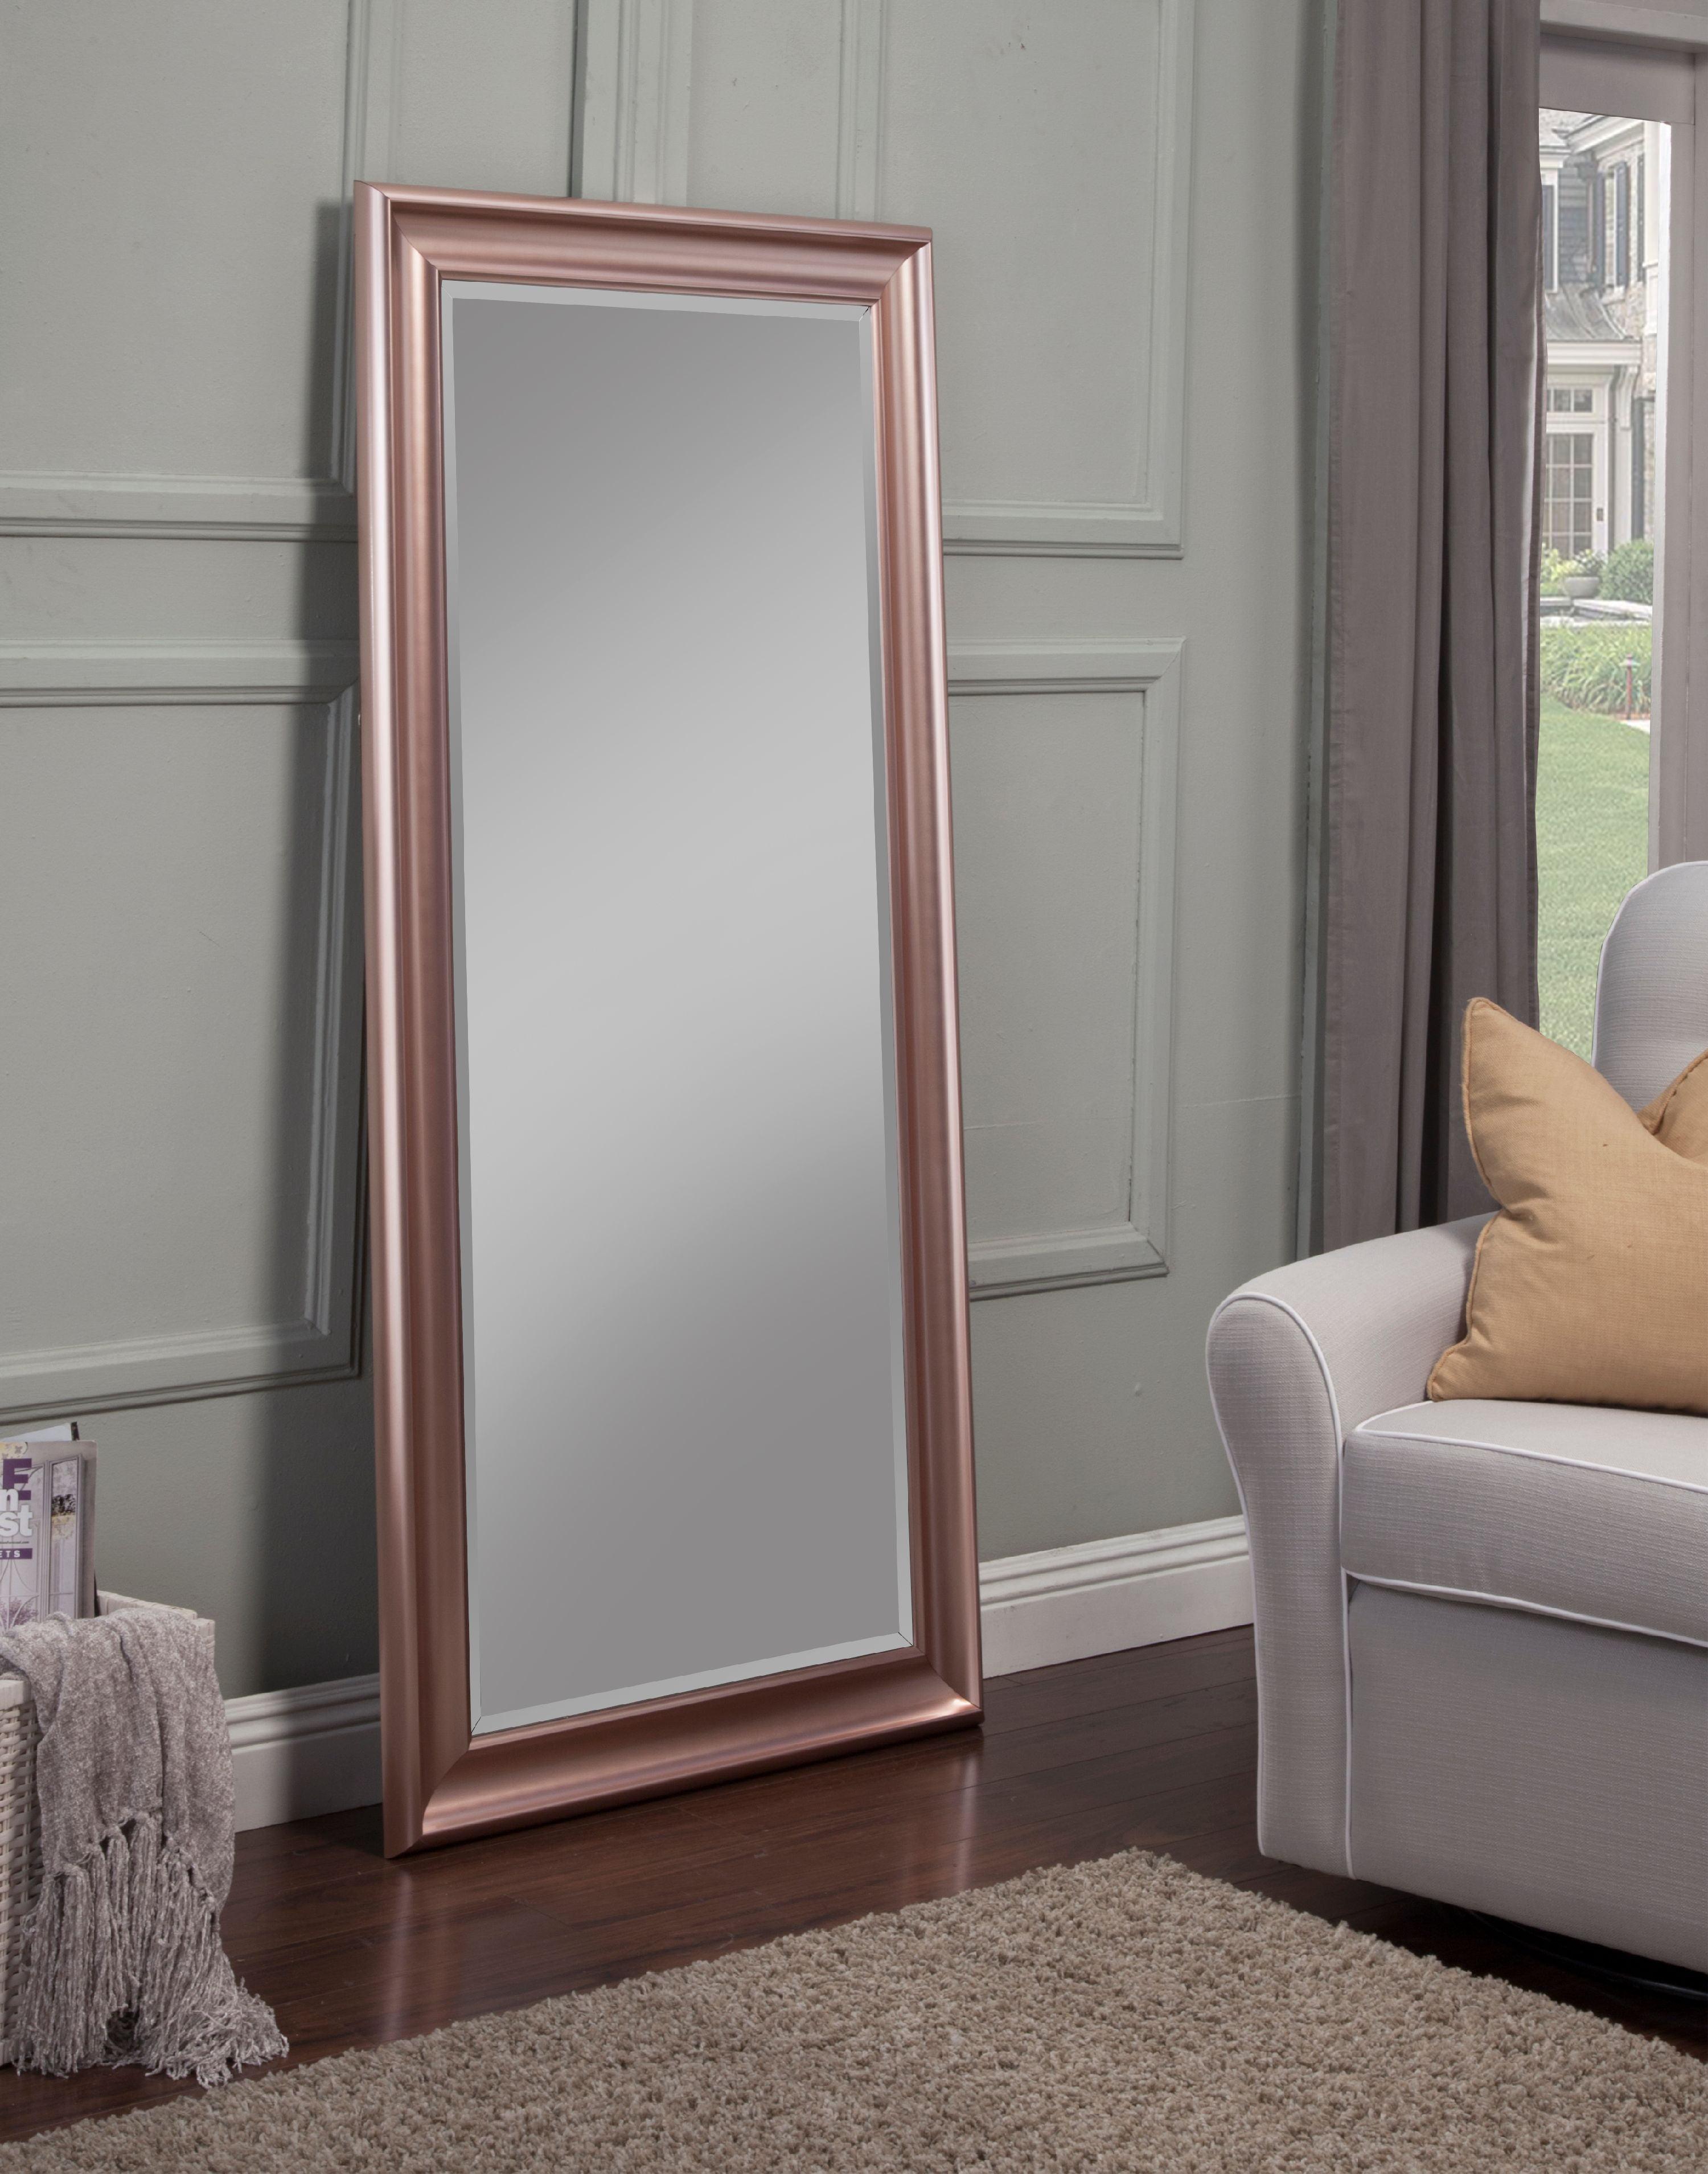 Rose Gold Full Length Leaner Mirror by Sandberg Furniture